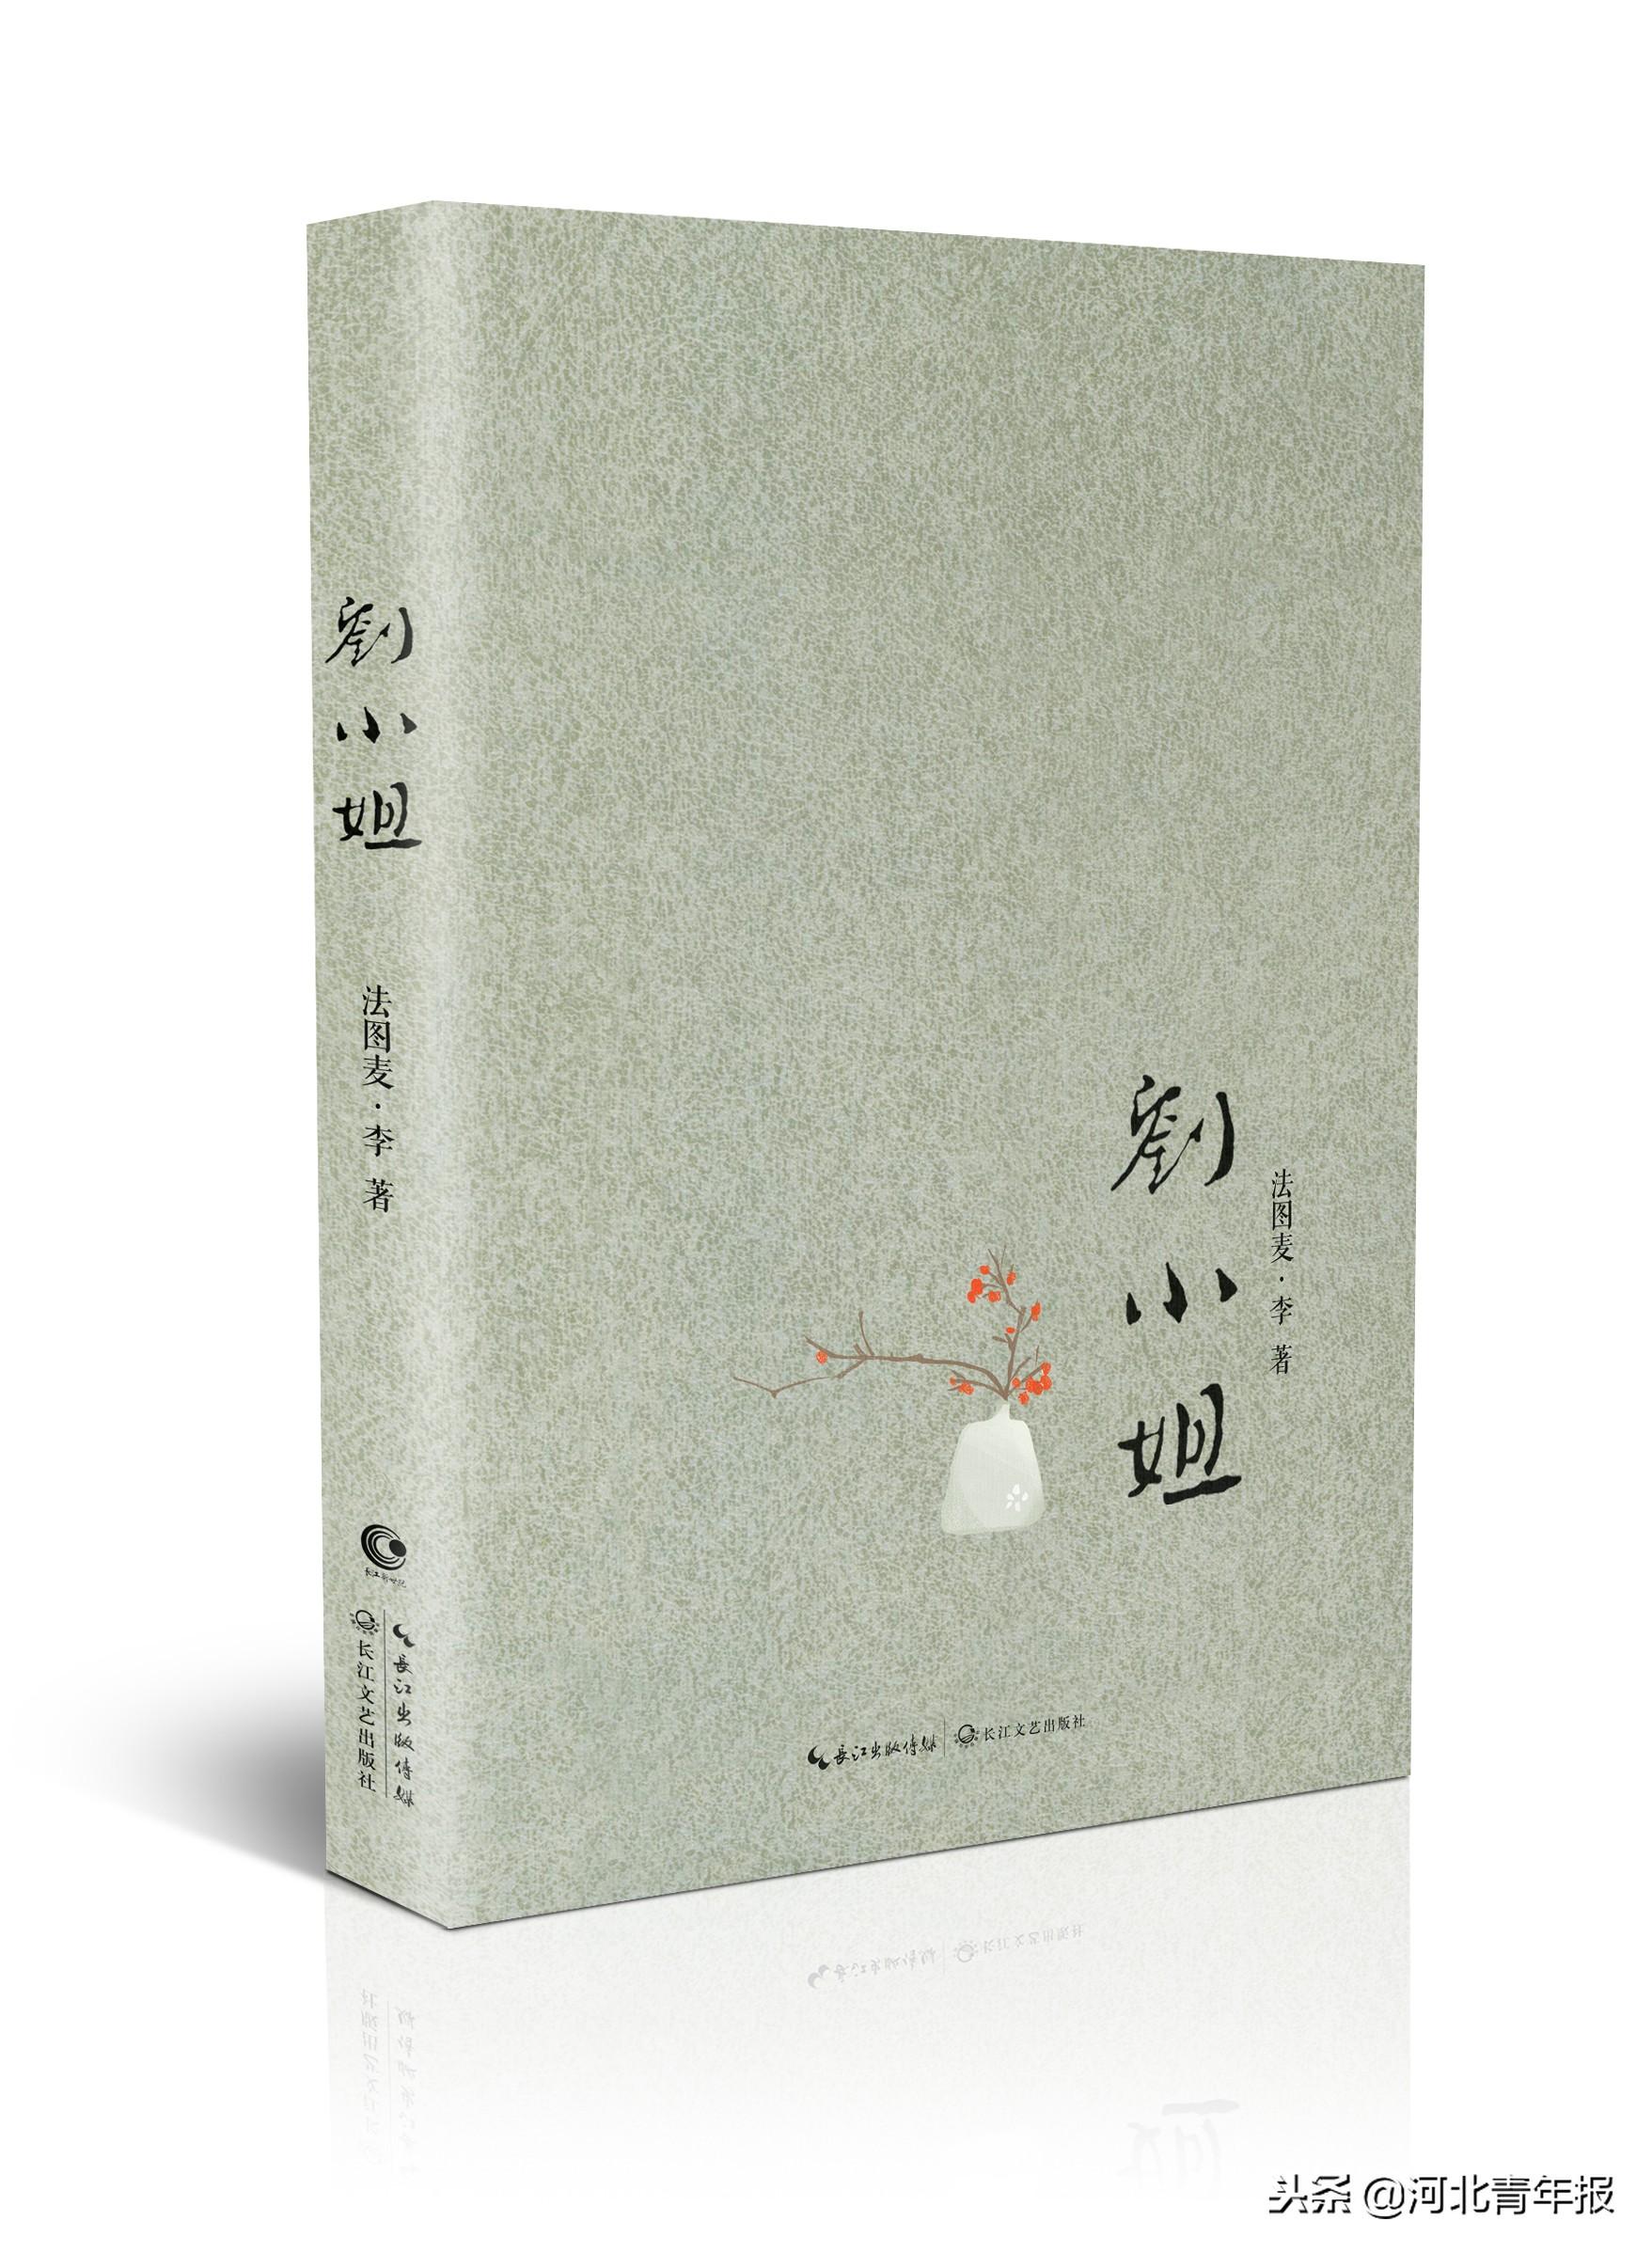 """""""00后""""女生法图麦·李的小说出版了,父亲李咏却永远缺席了"""